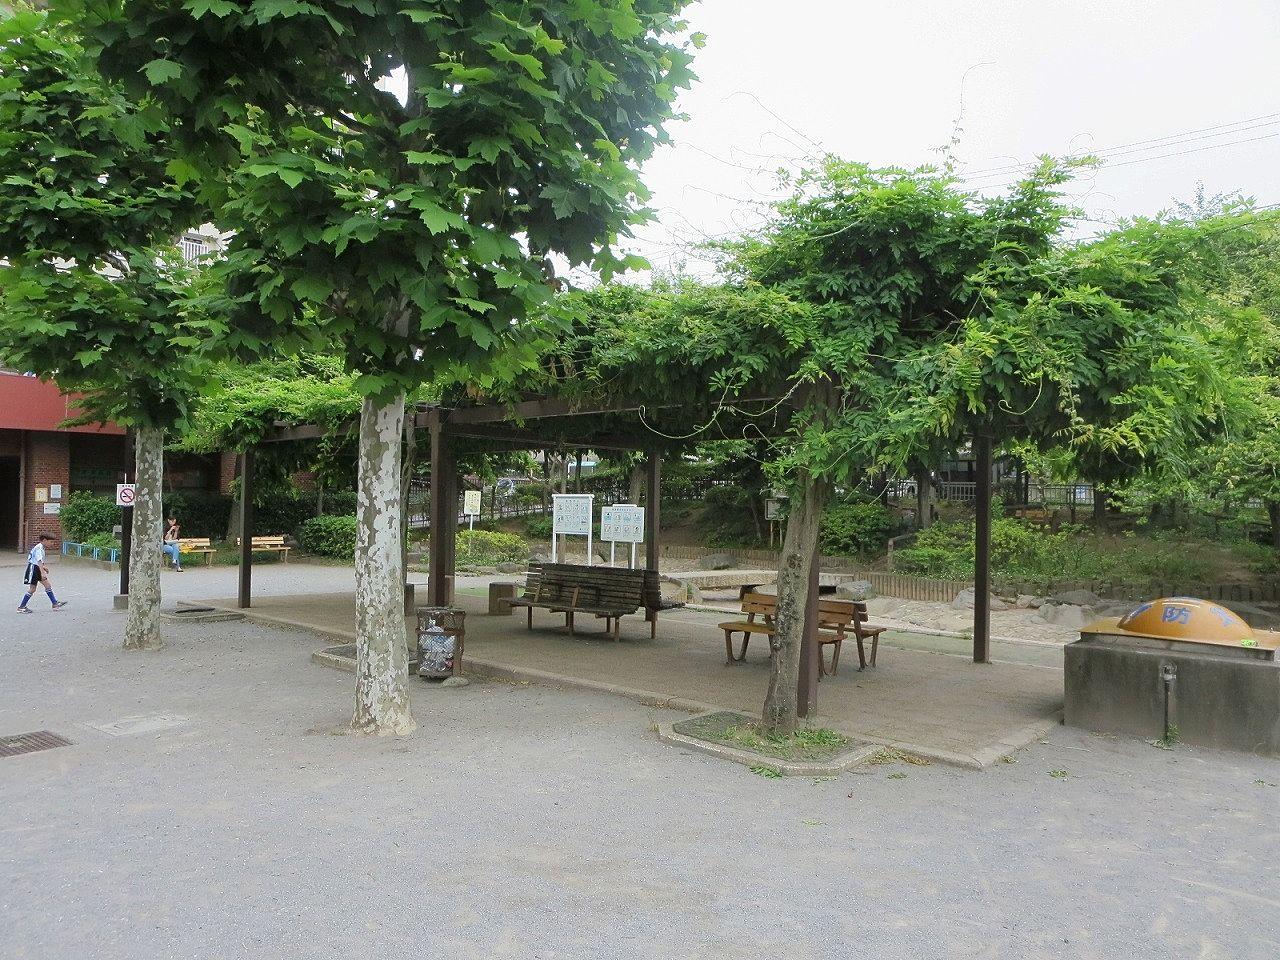 じゃぶじゃぶ池で遊んだら藤棚付きのベンチで休みましょう。文京区の公園・ファミリー向け賃貸不動産情報はドリームハウス